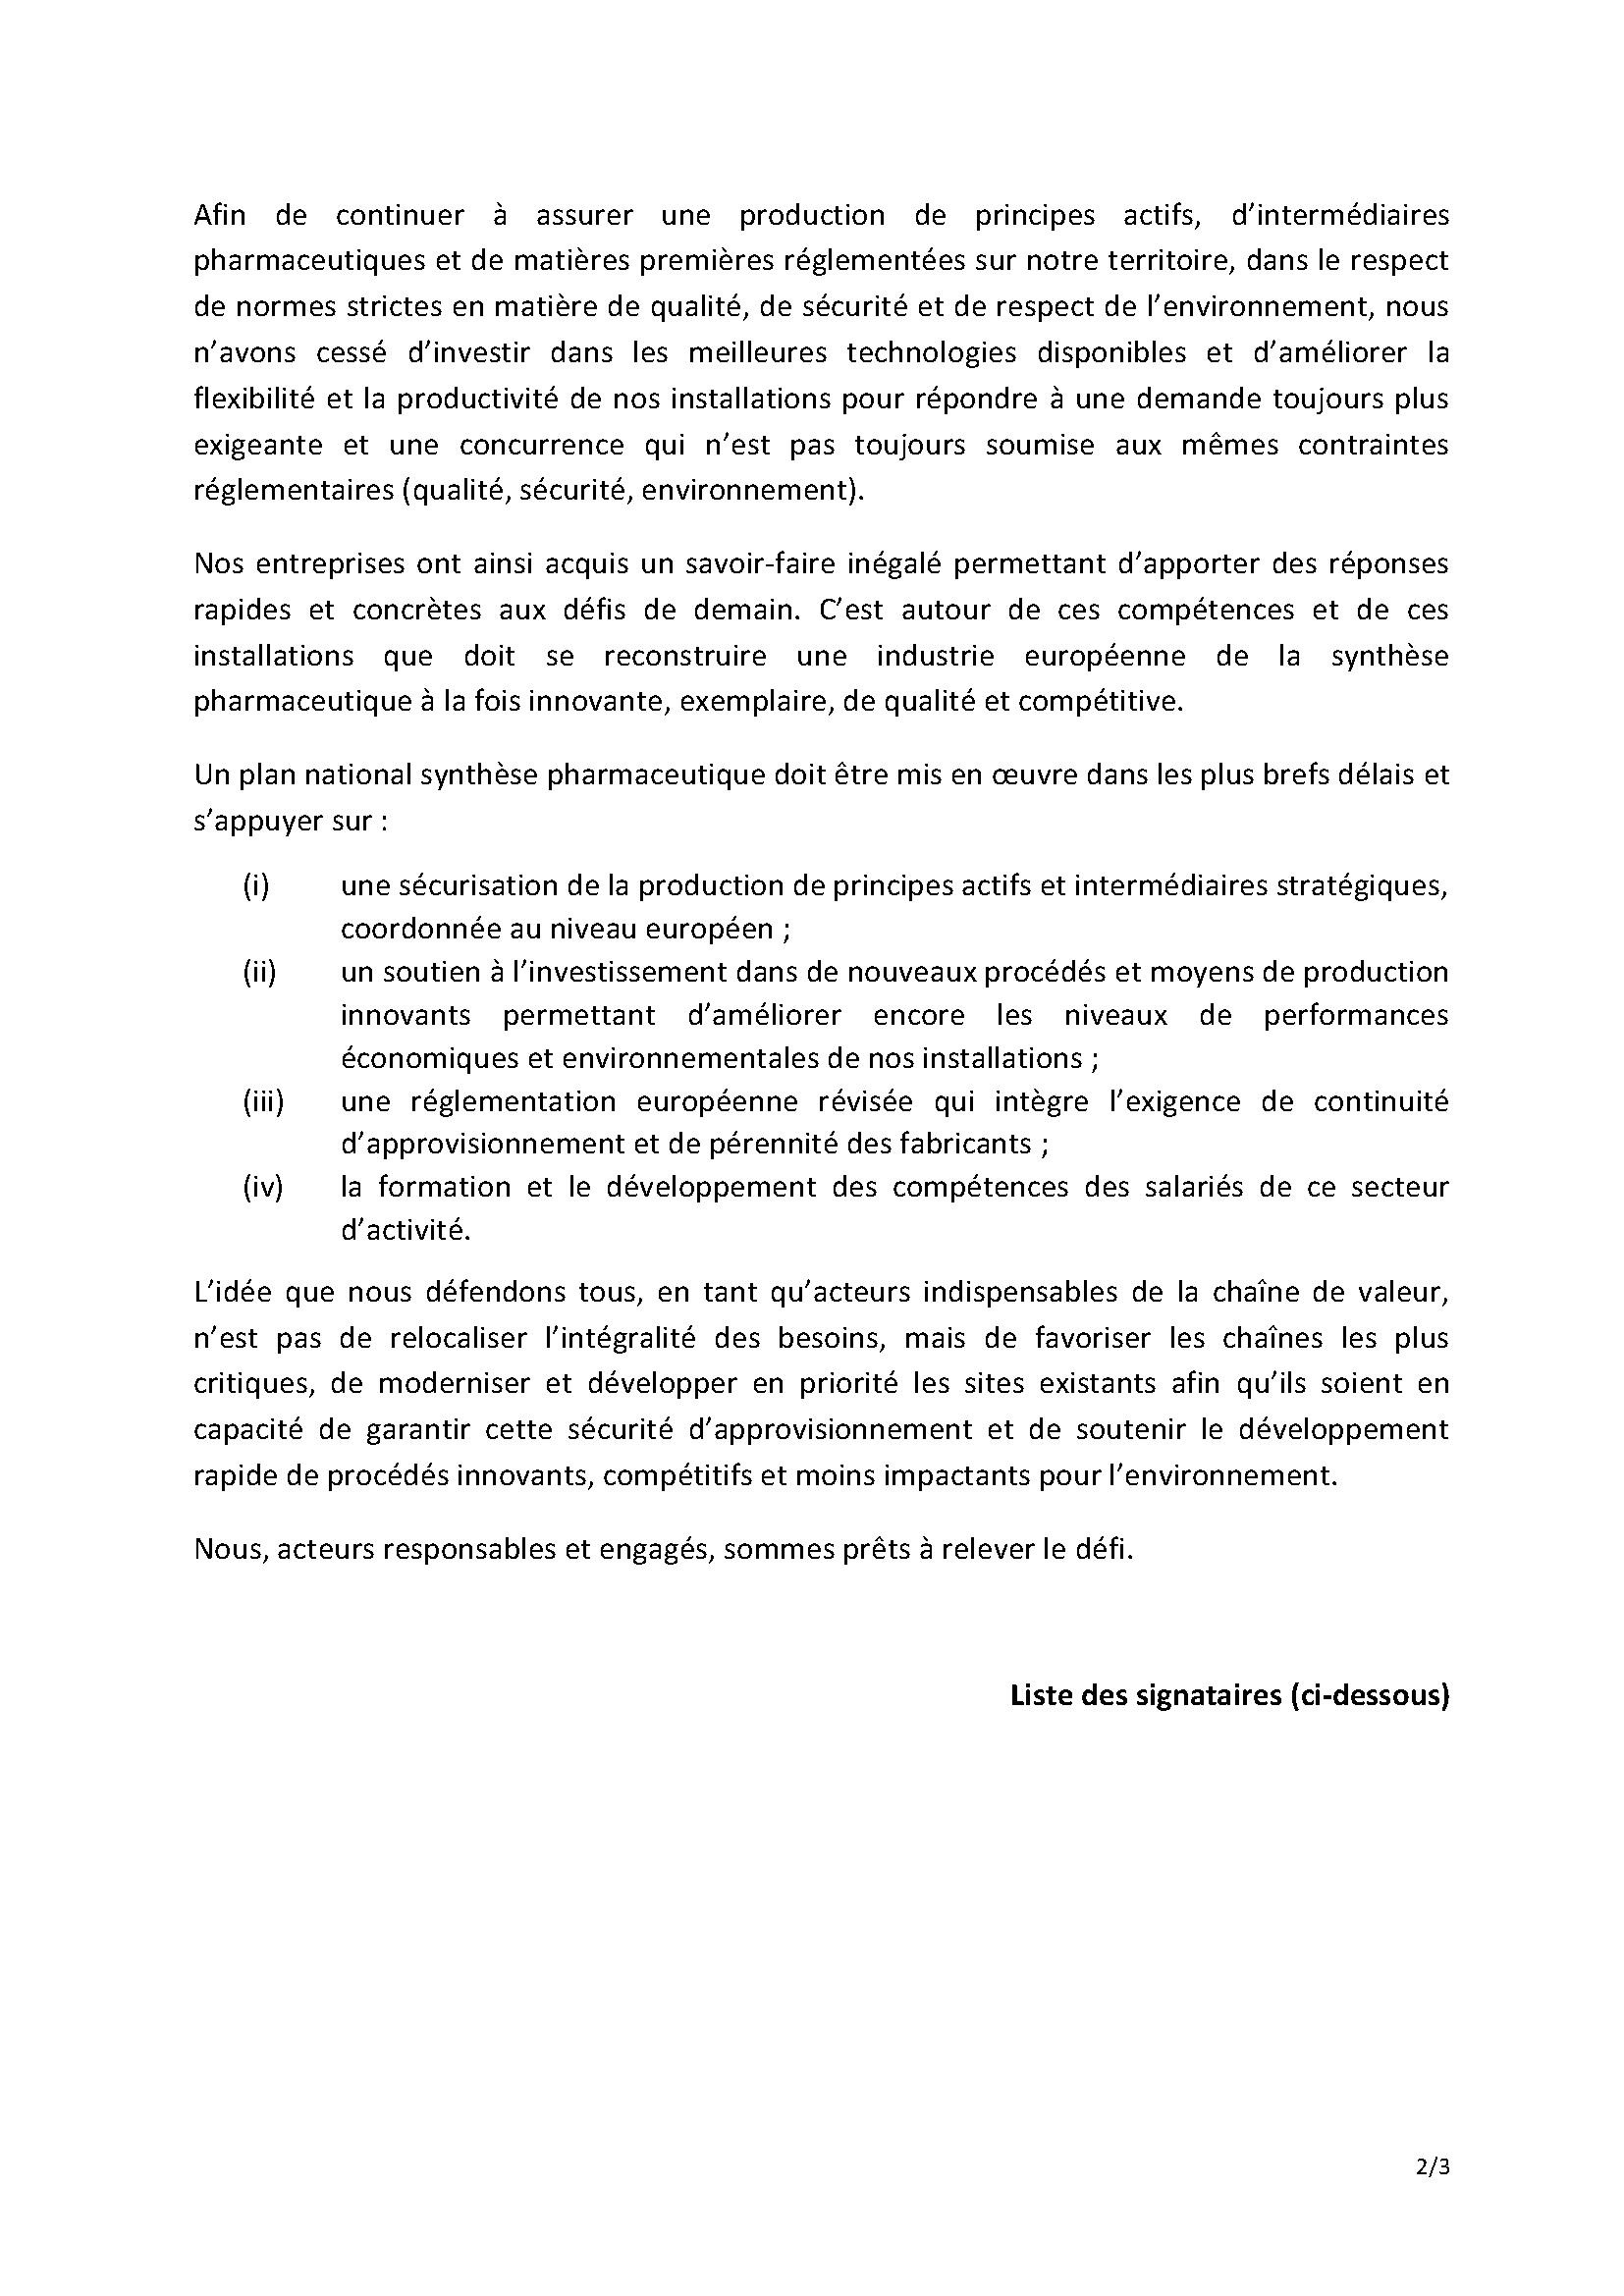 MANIFESTE DES ENTREPRISES FRANCAISES DE LA SYNTHESE PHARMACEUTIQUE_Page 2